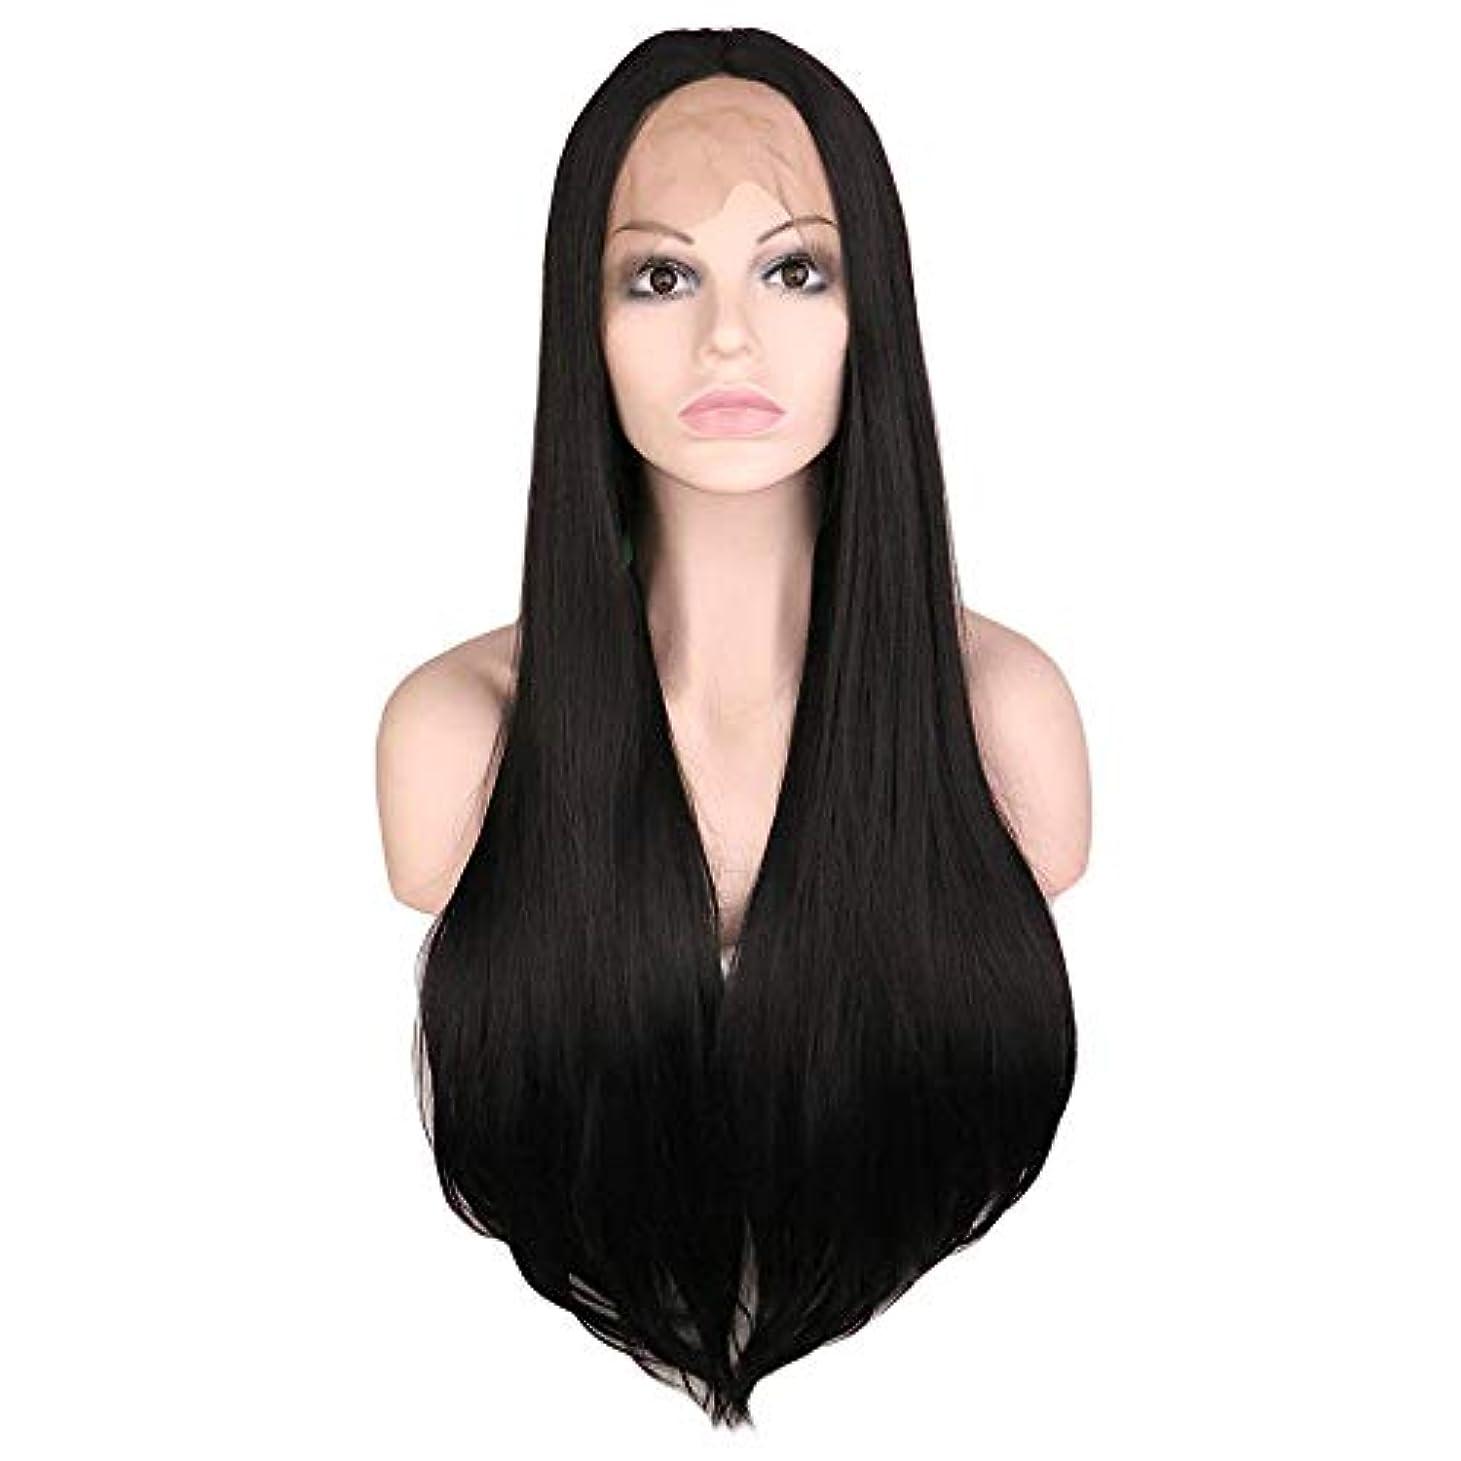 貴重なフィヨルド運賃ウィッグ つけ毛 28インチレースフロントウィッグロングストレートヘアウィッグミドルパートコスプレコスチュームデイリーパーティーウィッグ本物の髪を持つ女性 (色 : 黒, サイズ : 28